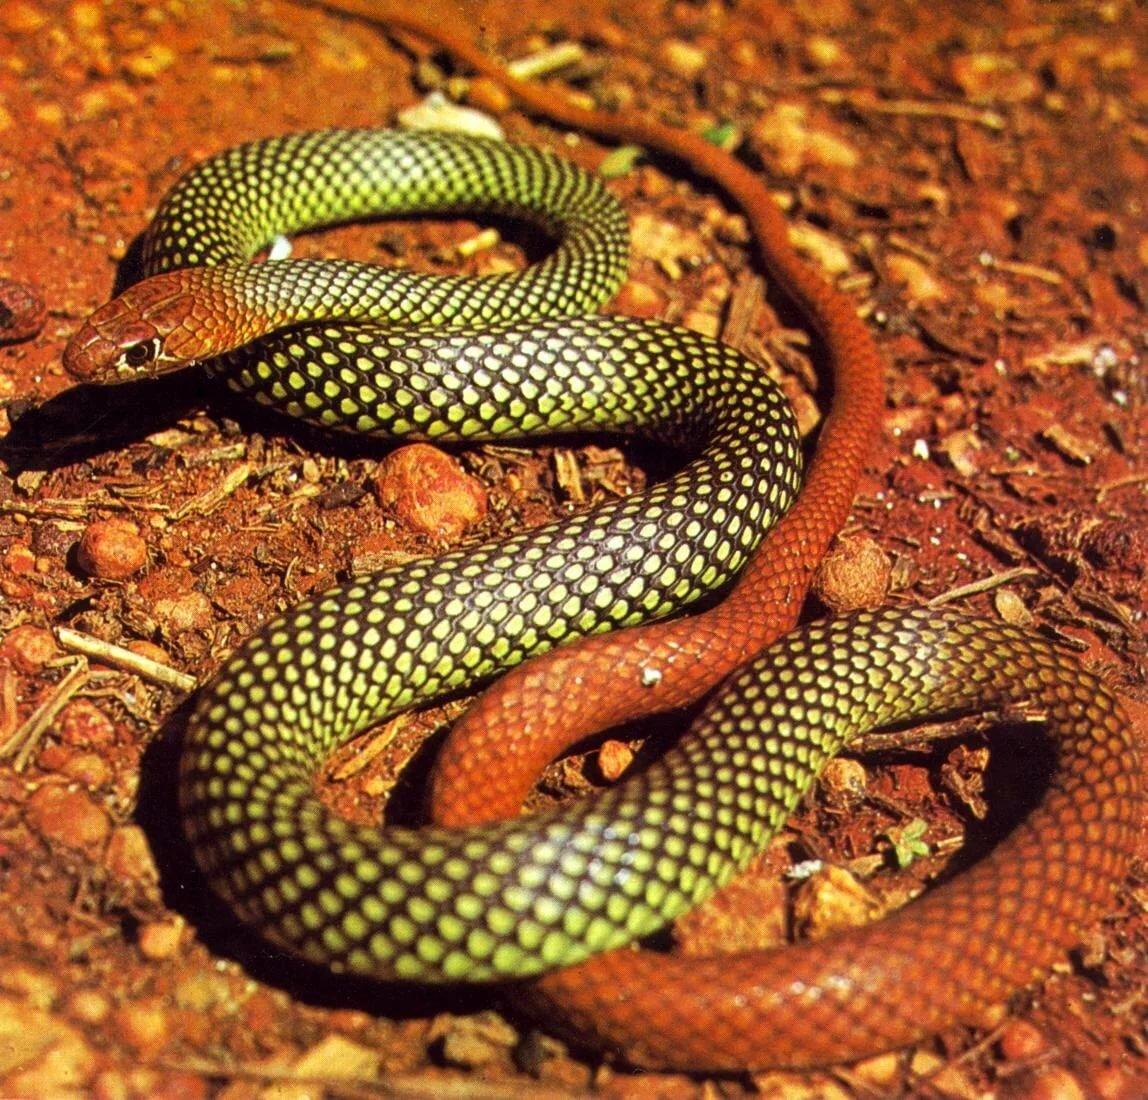 фото всех змей мира с названиями